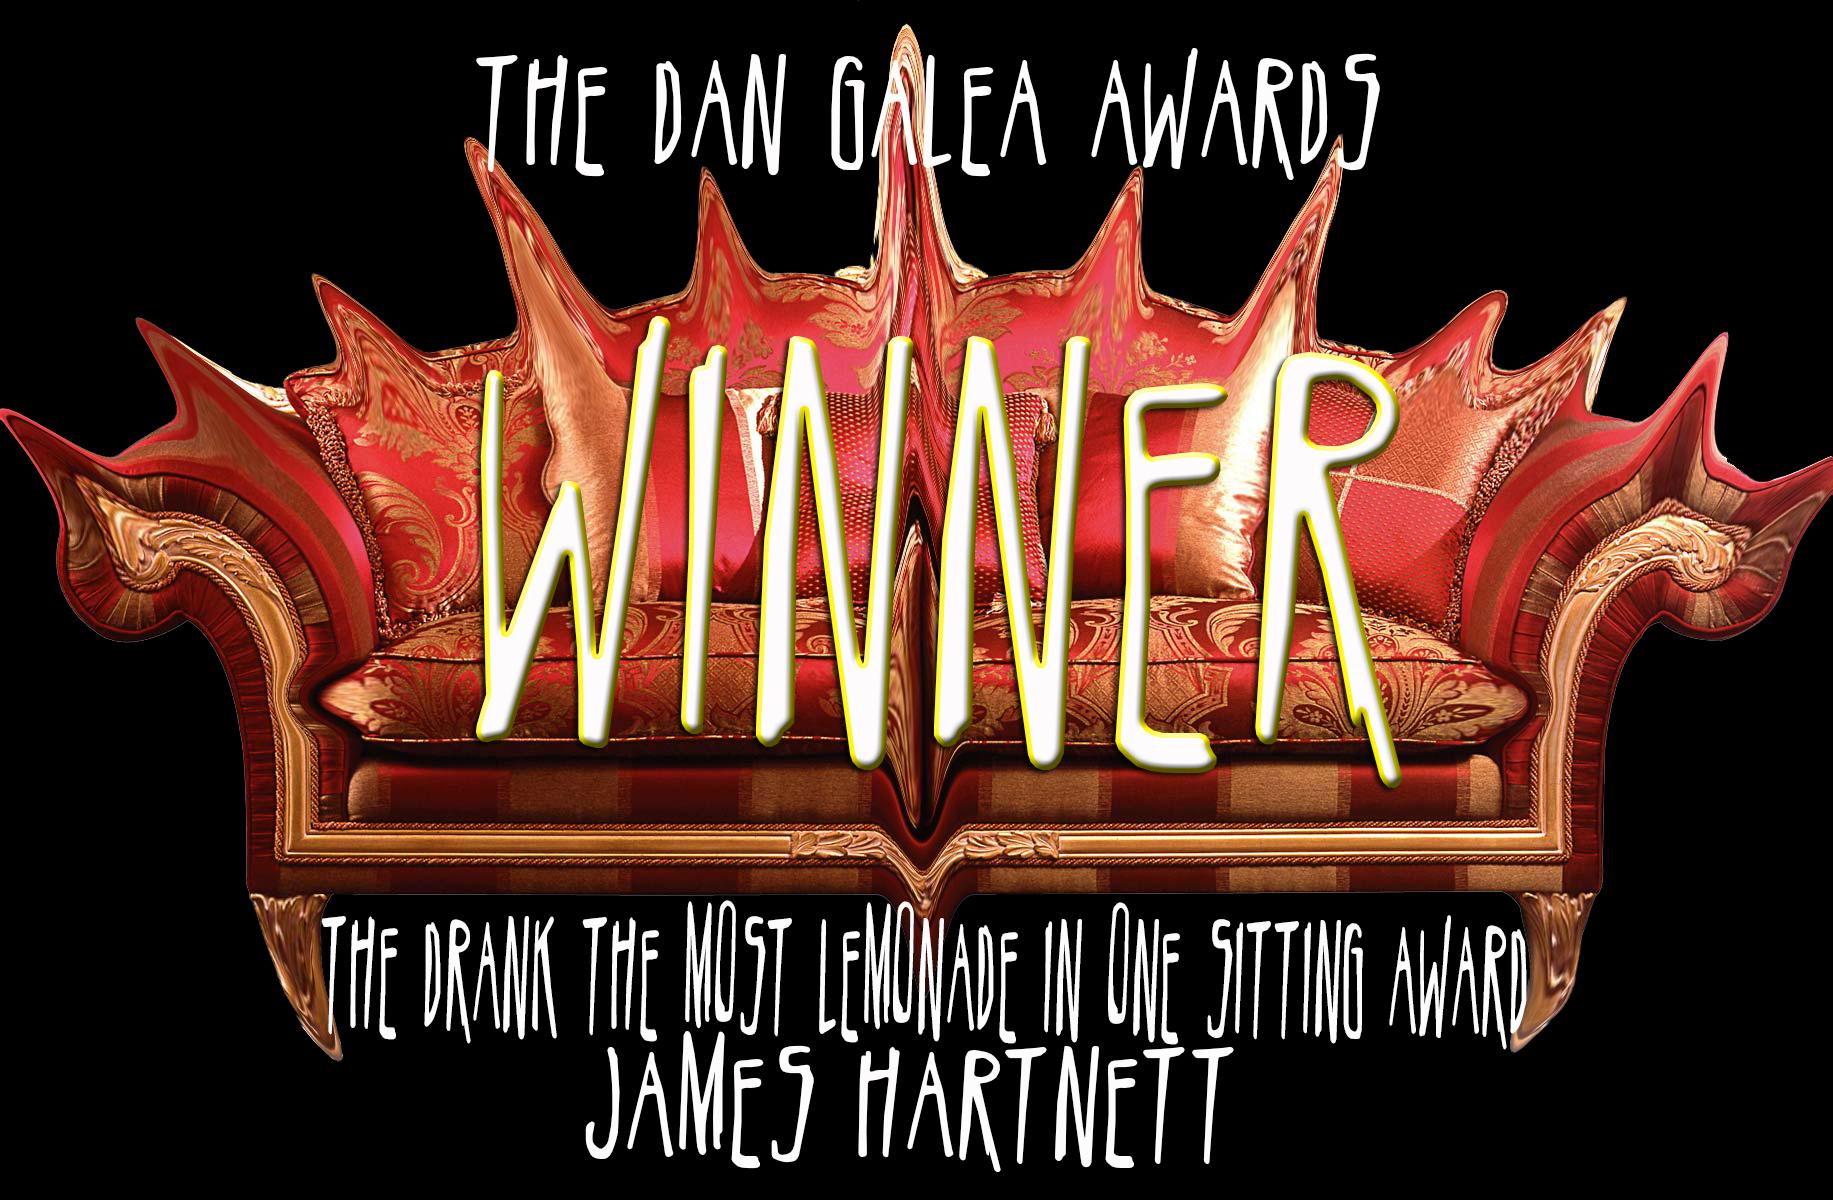 DGawards James Hartnett.jpg